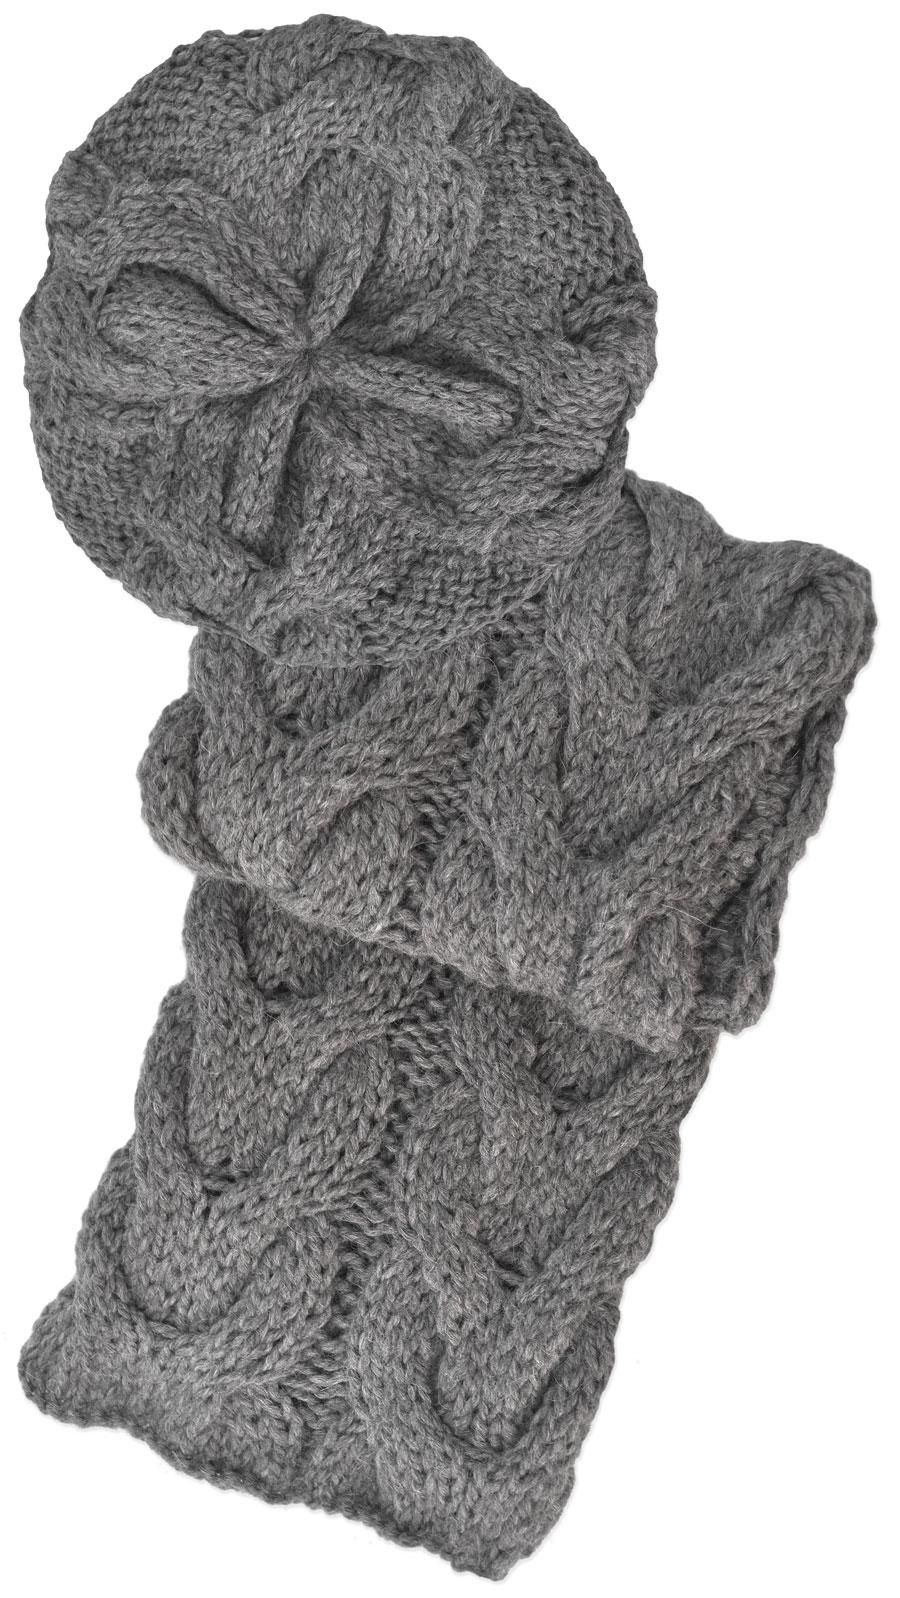 ... gorra y bufanda tejidas a mano - Lana Pura de Alpaca. Gris claro.  Loading zoom 3c3e5827038